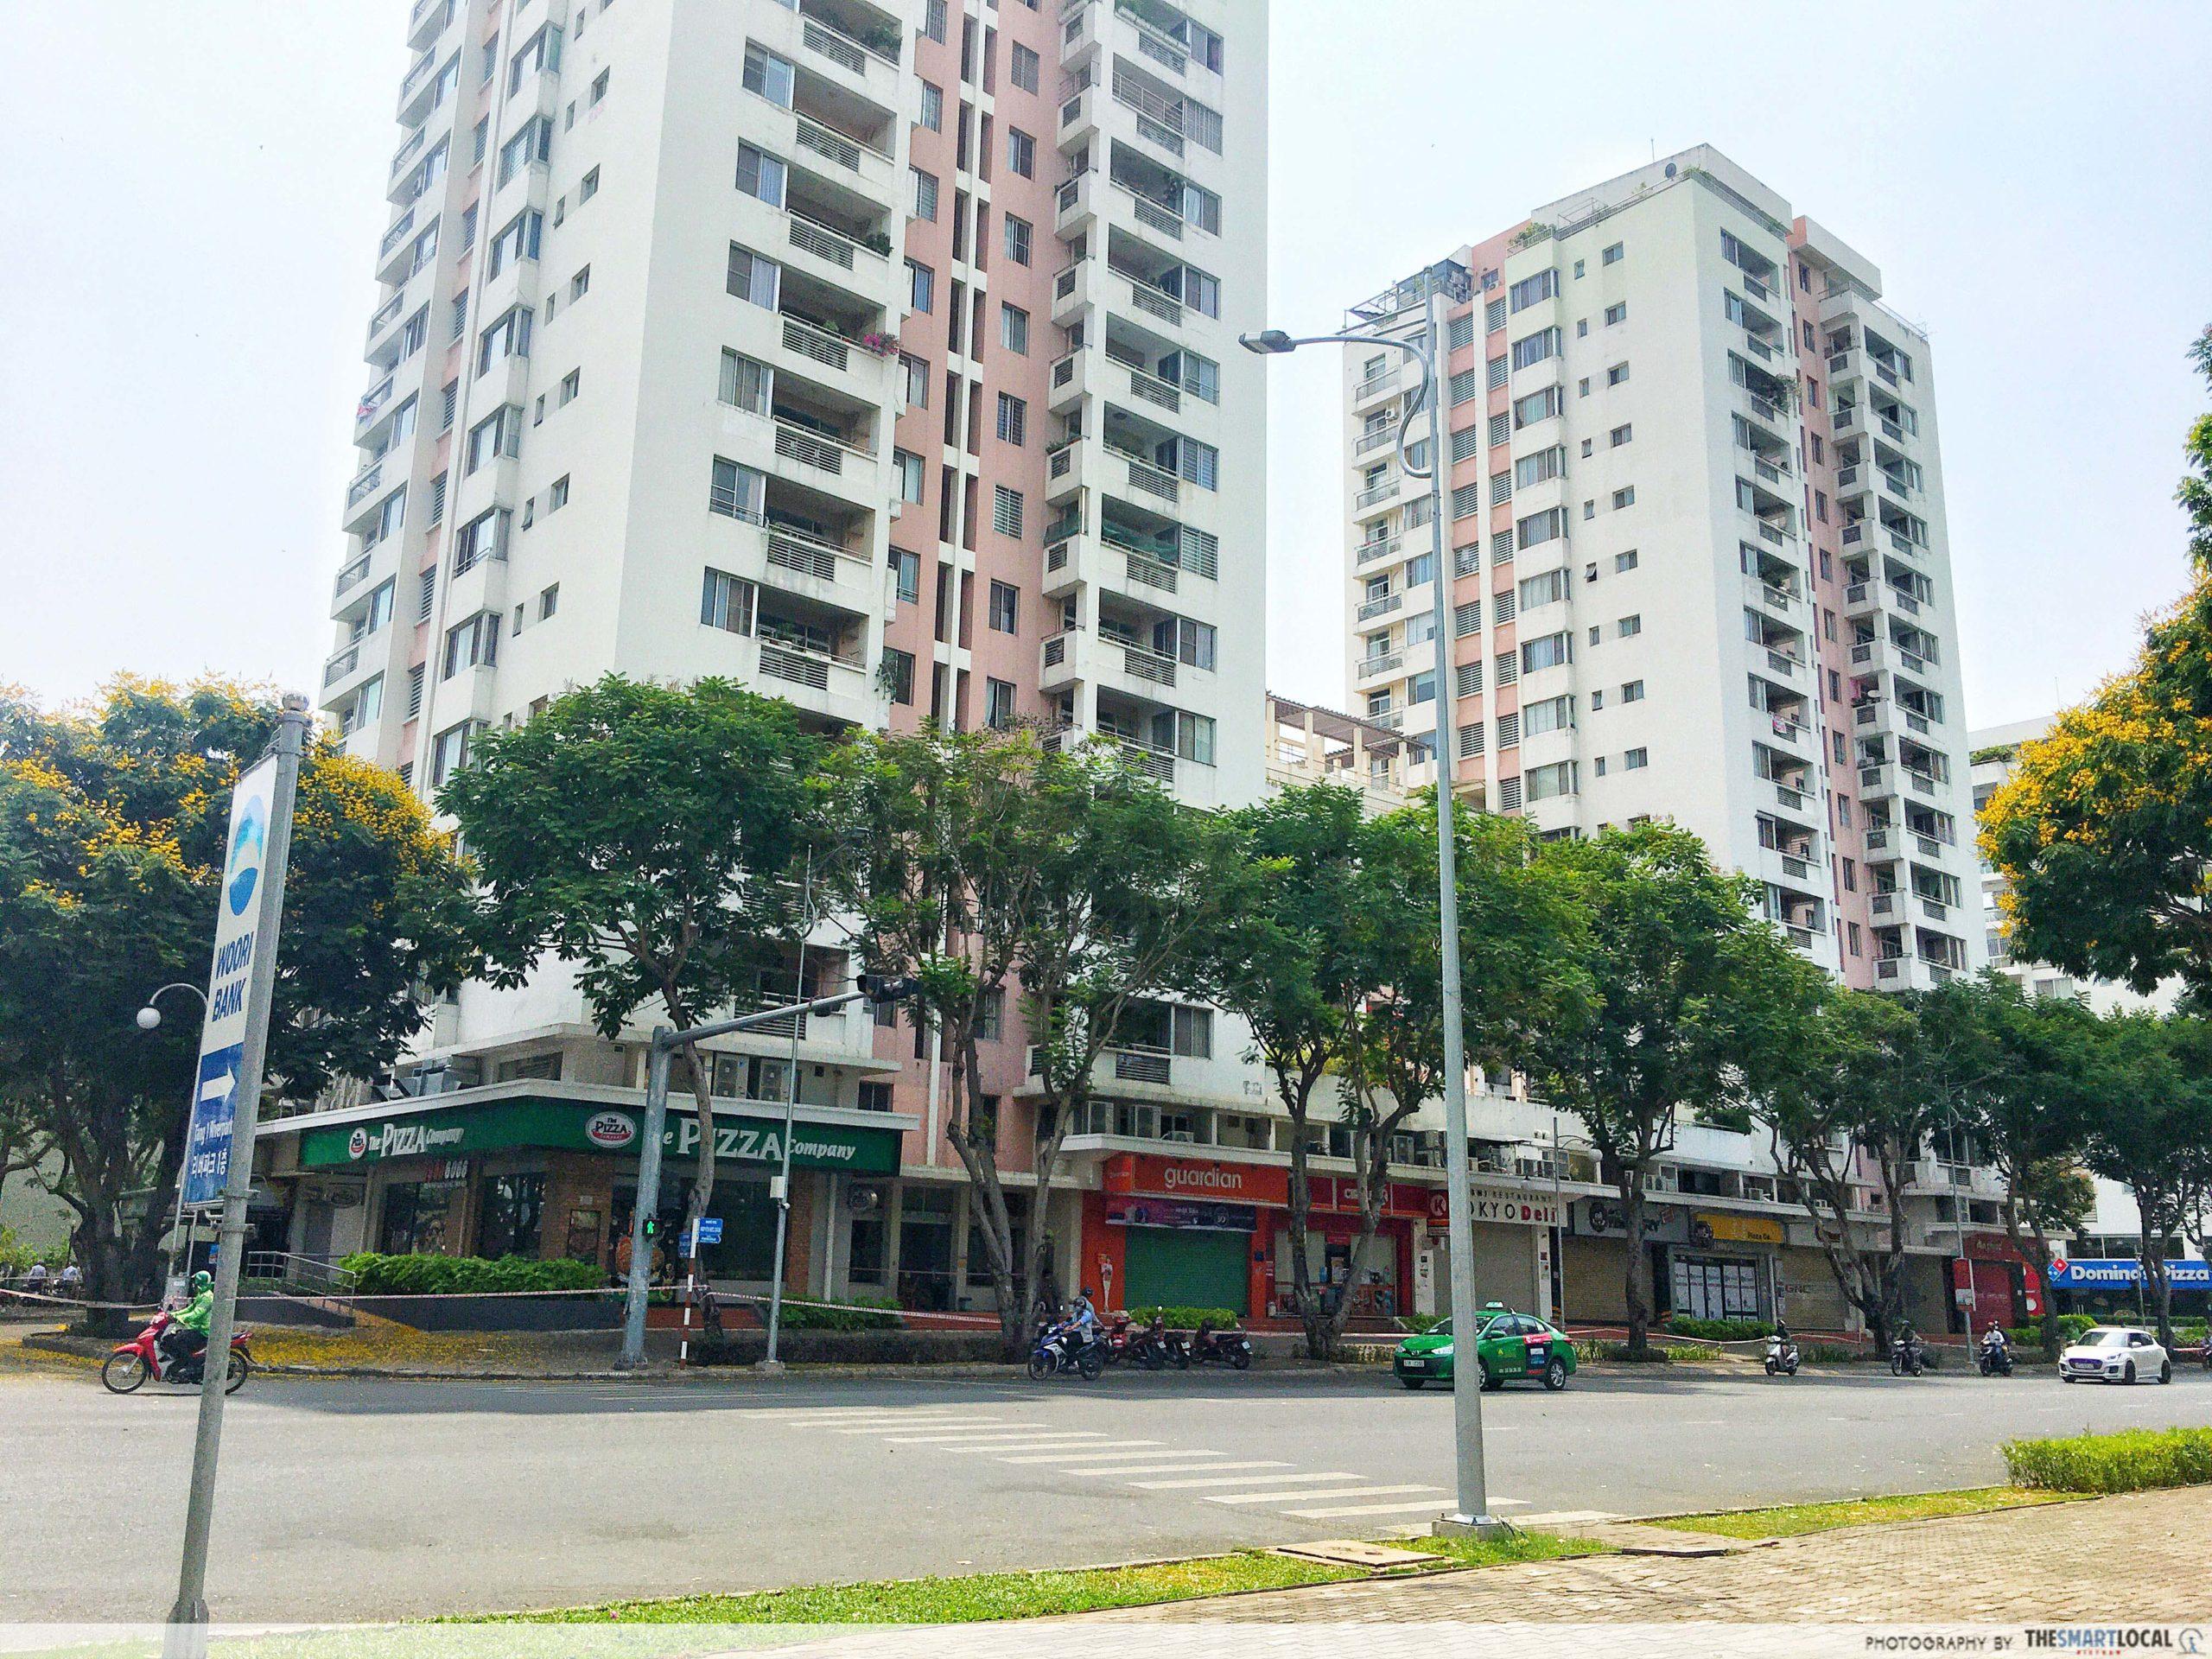 Park View apartment building where Case 66 lives